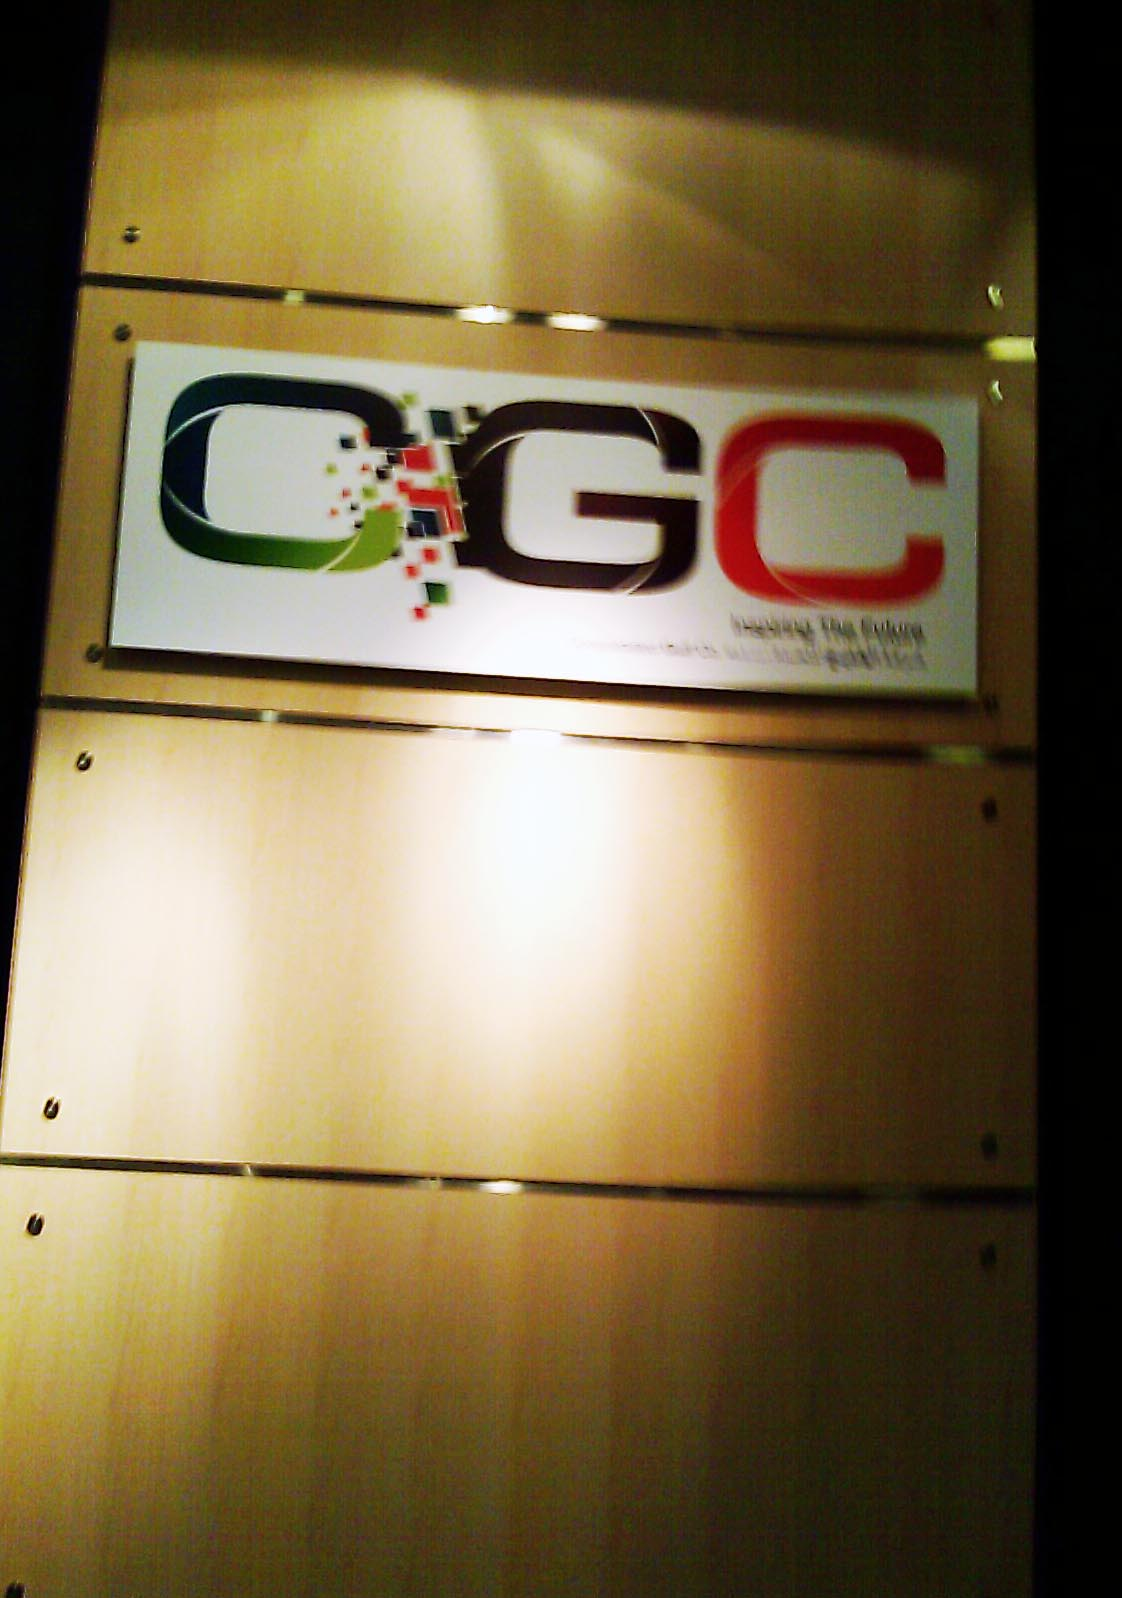 Cgc forex